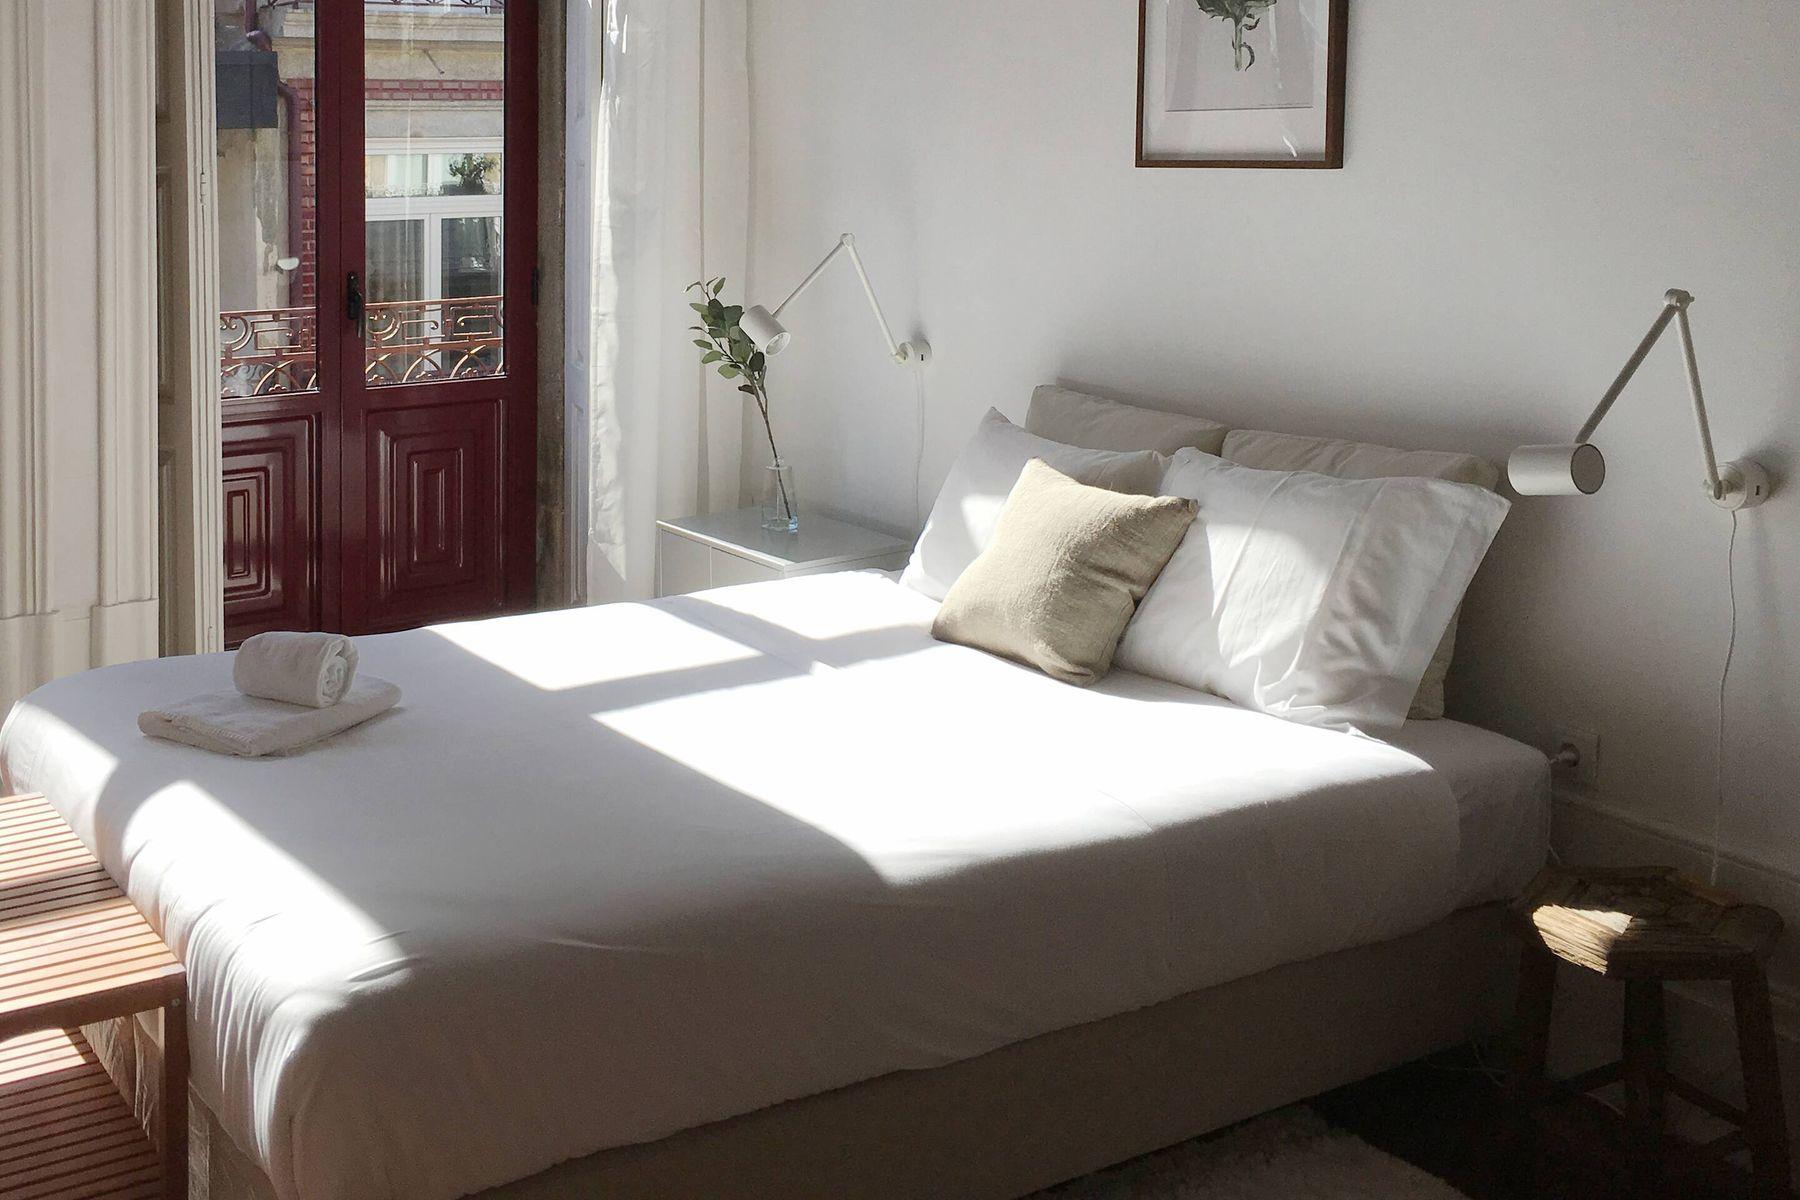 Cómo limpiar un colchón de manera correcta